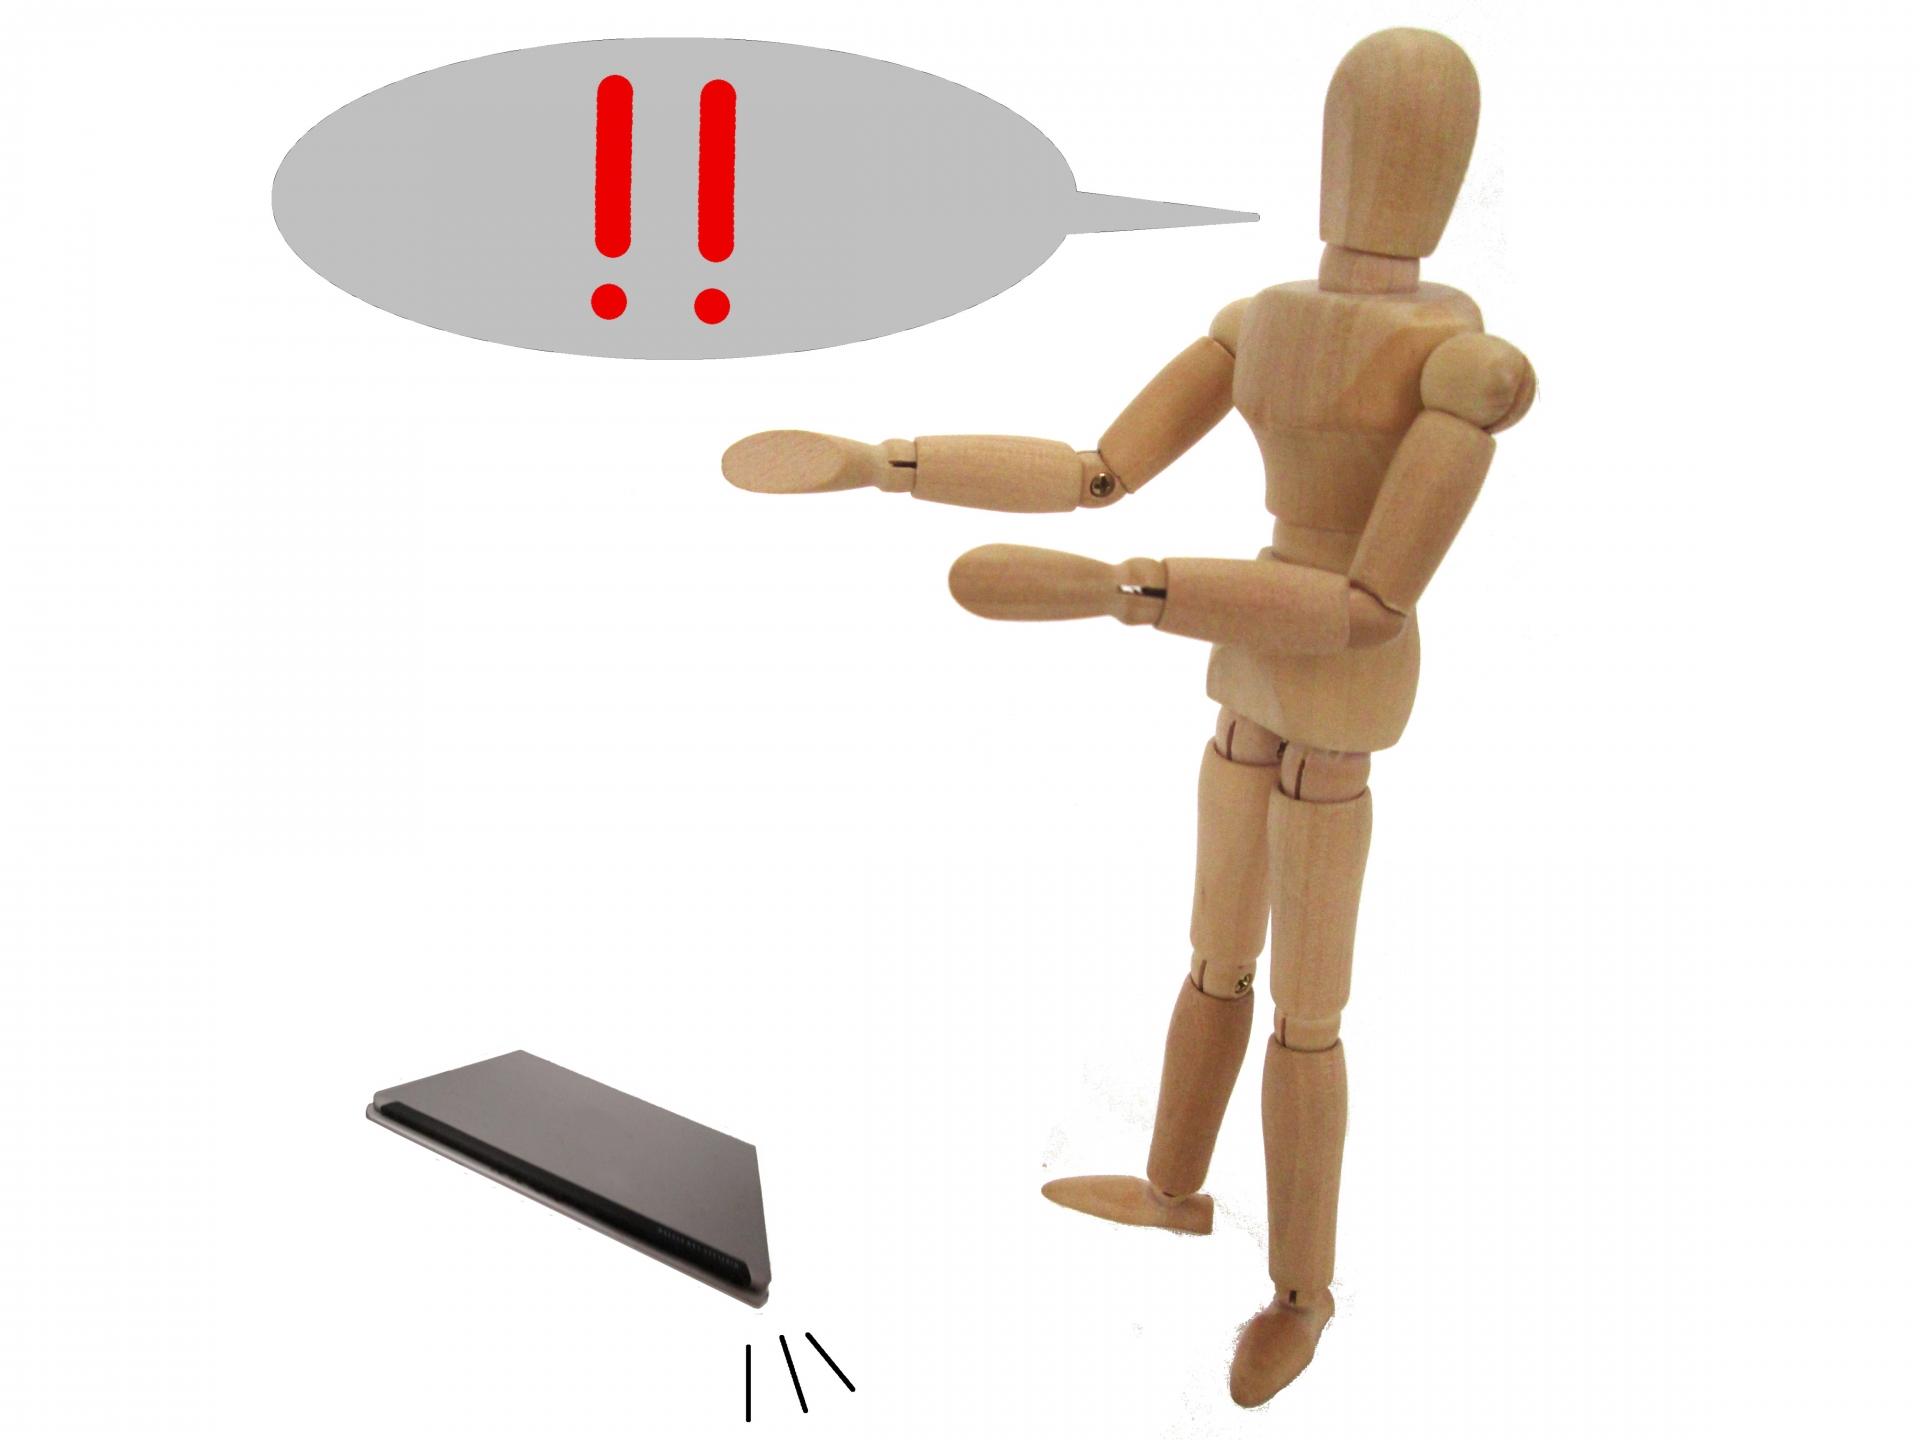 パソコンを落としたときの対処法は?チェック方法や起動しない・電源が入らない原因も解説!